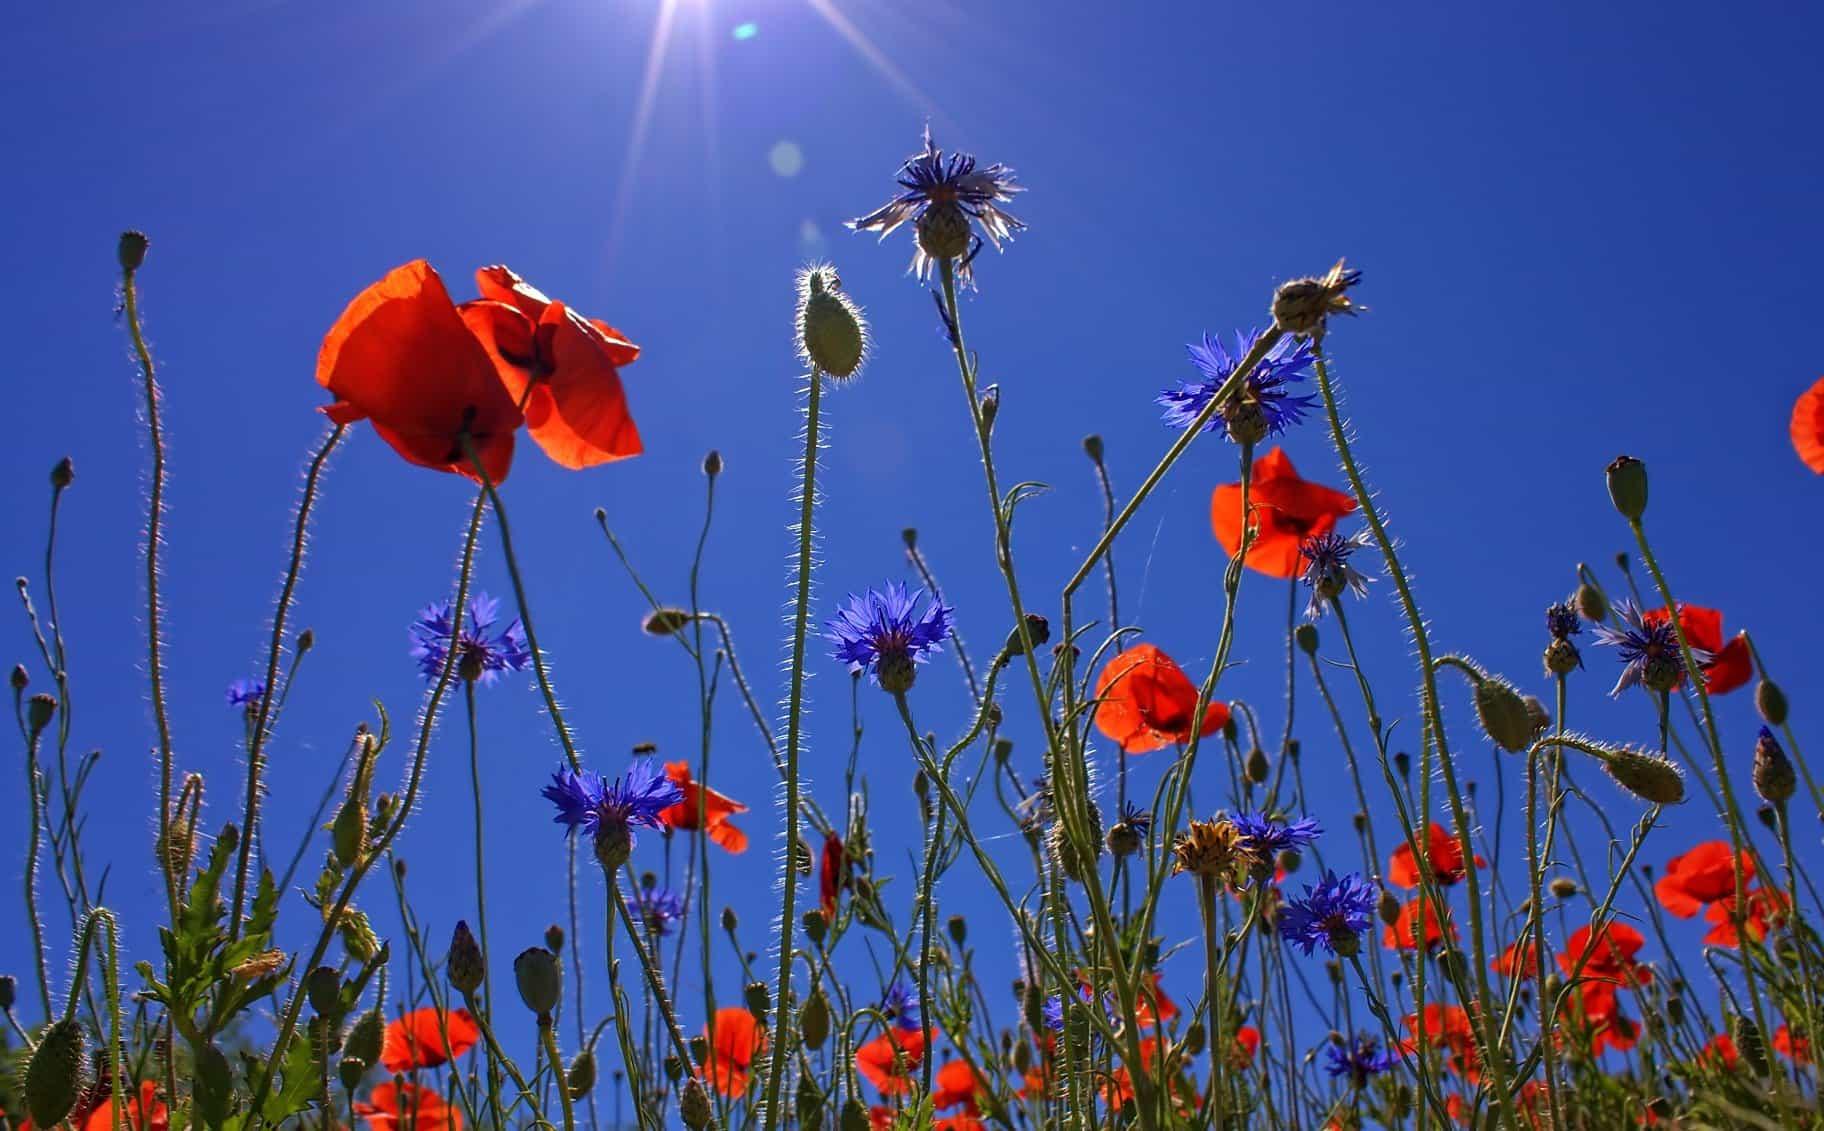 Image Libre Flore Champ Fleur Nature Nature Pavot Ciel Berry